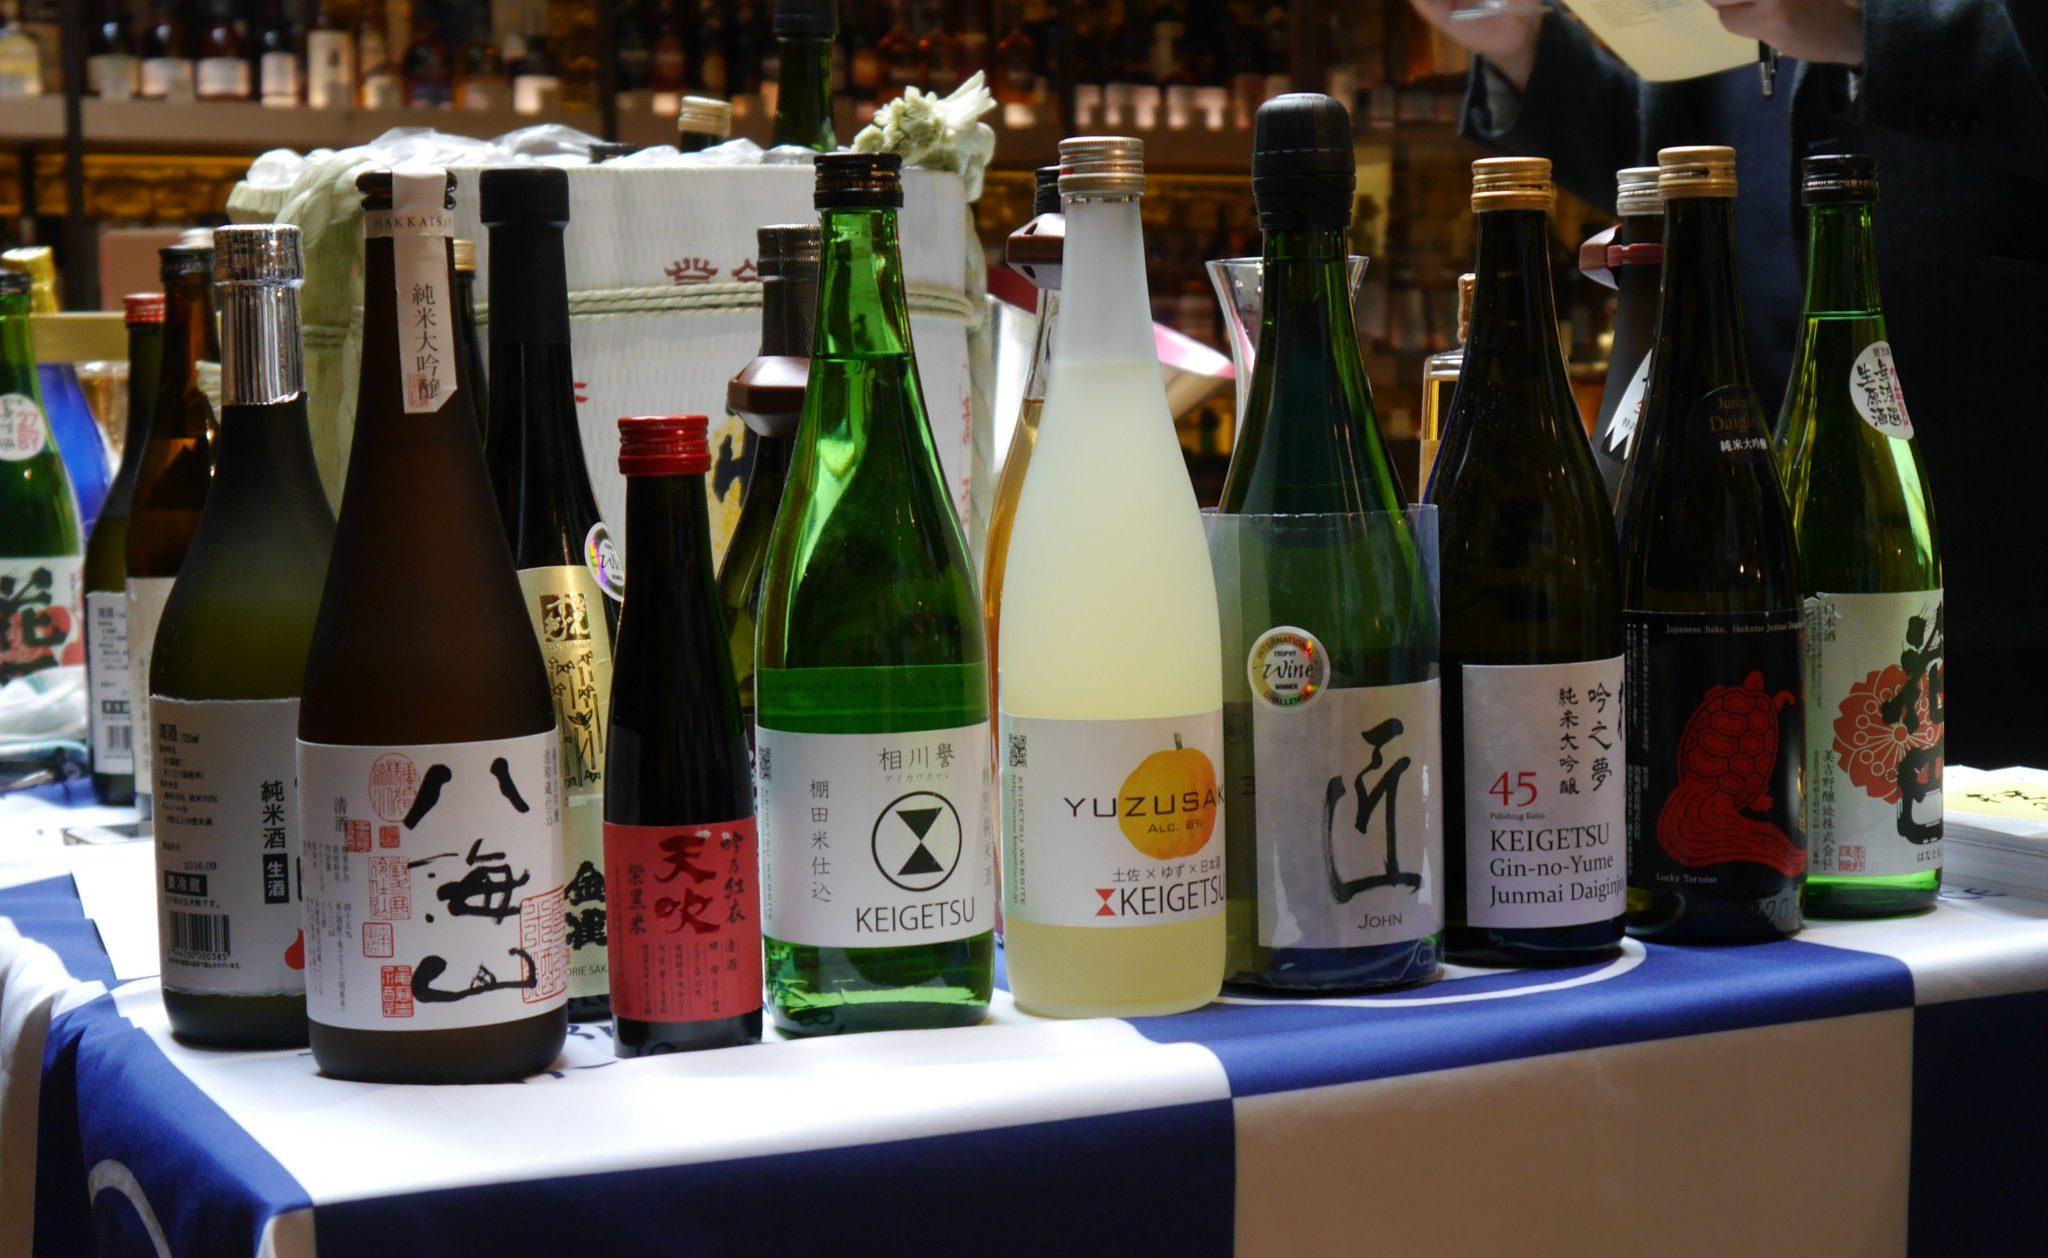 How to survive a sake tasting - 杉玉 Sugidama: Sake blog